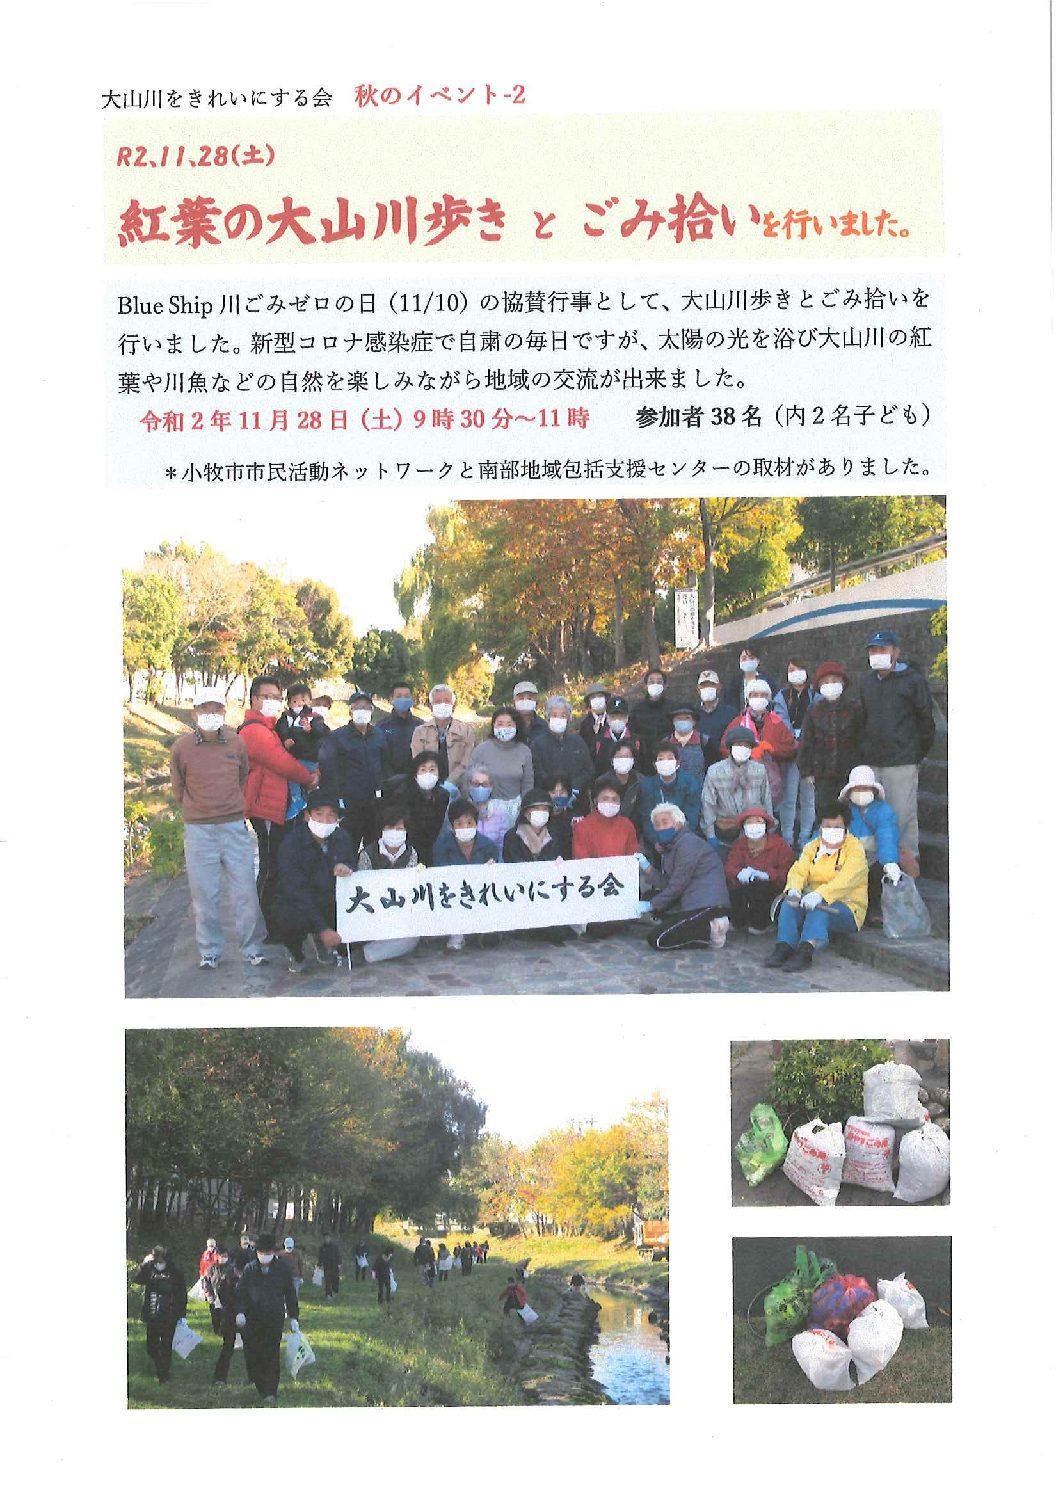 ooyamagawa201130-2